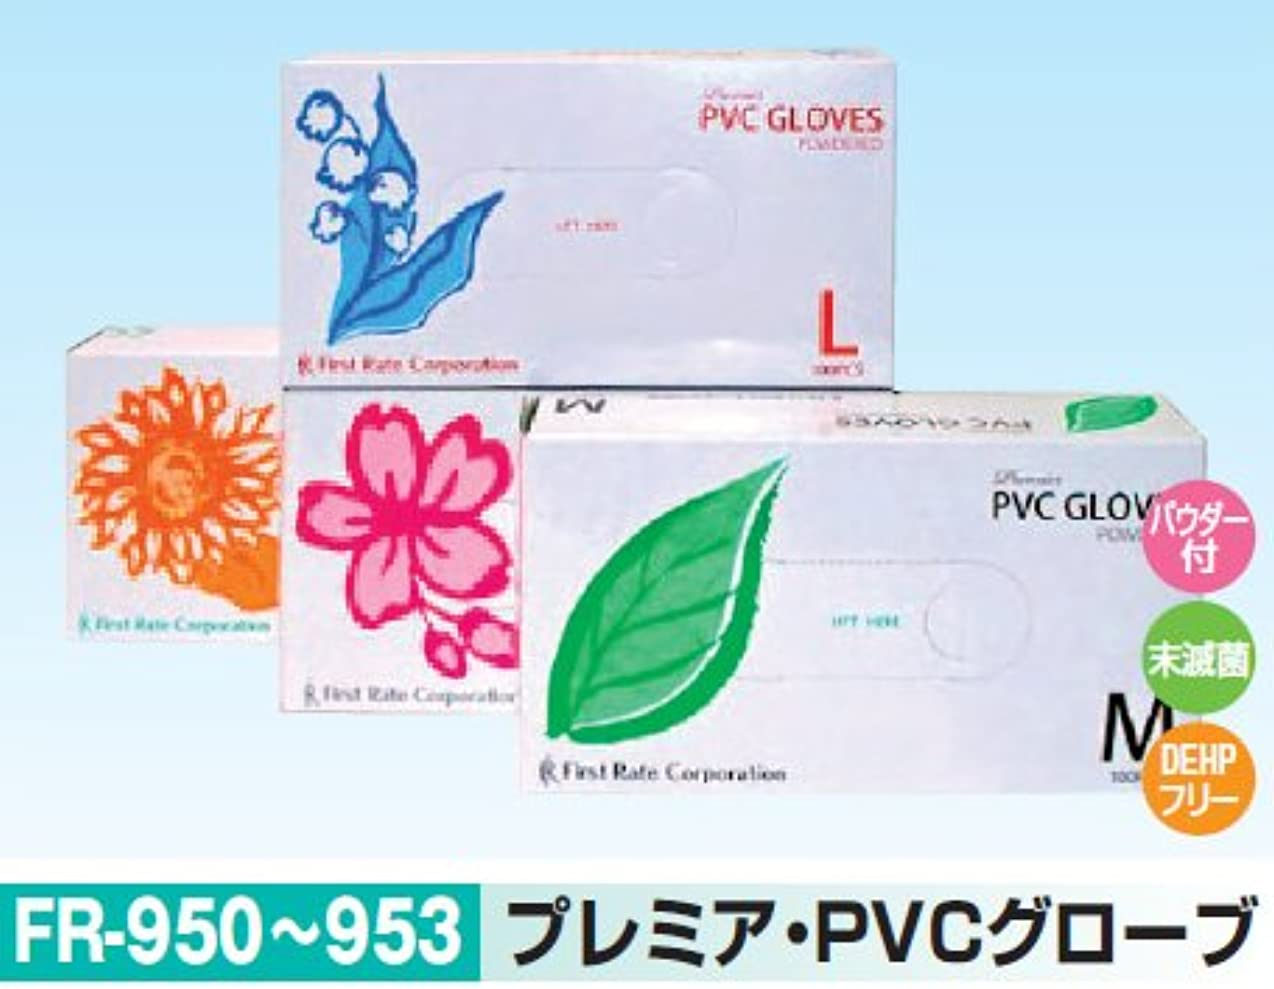 プレミア?PVCグローブ Lサイズ 100枚 FR-953 使い捨て手袋、パウダー付き高伸縮性プラスチックグローブ